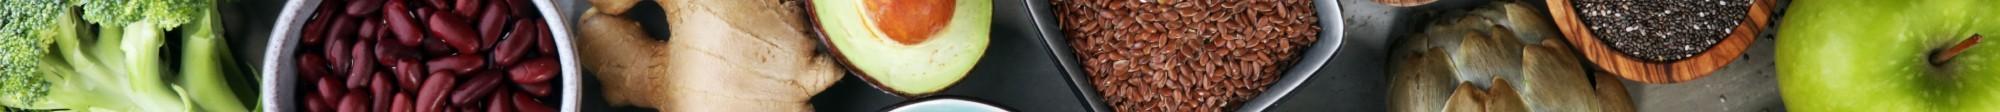 Comprar  productos Productos Sin Gluten | Mixtura Gourmet